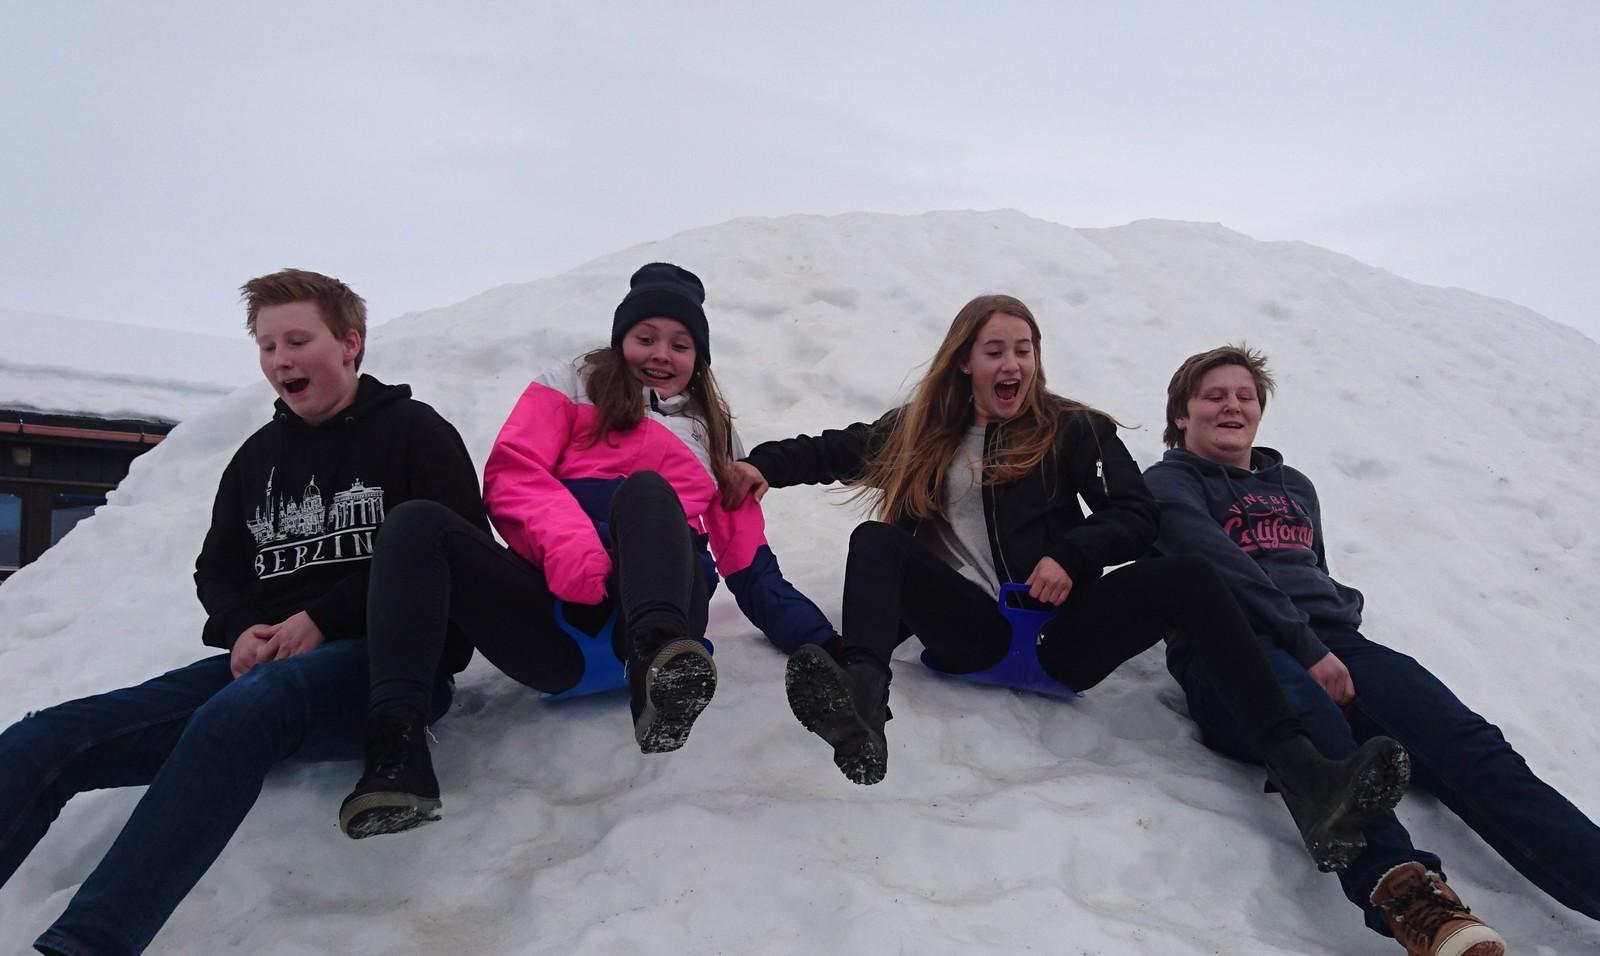 Lesjaskog skule: Frå venstre: Bjørner Bakken, Anette Sangro (reserve) Alexandra Stella Erixon og Joakim Heggem Nordsletten